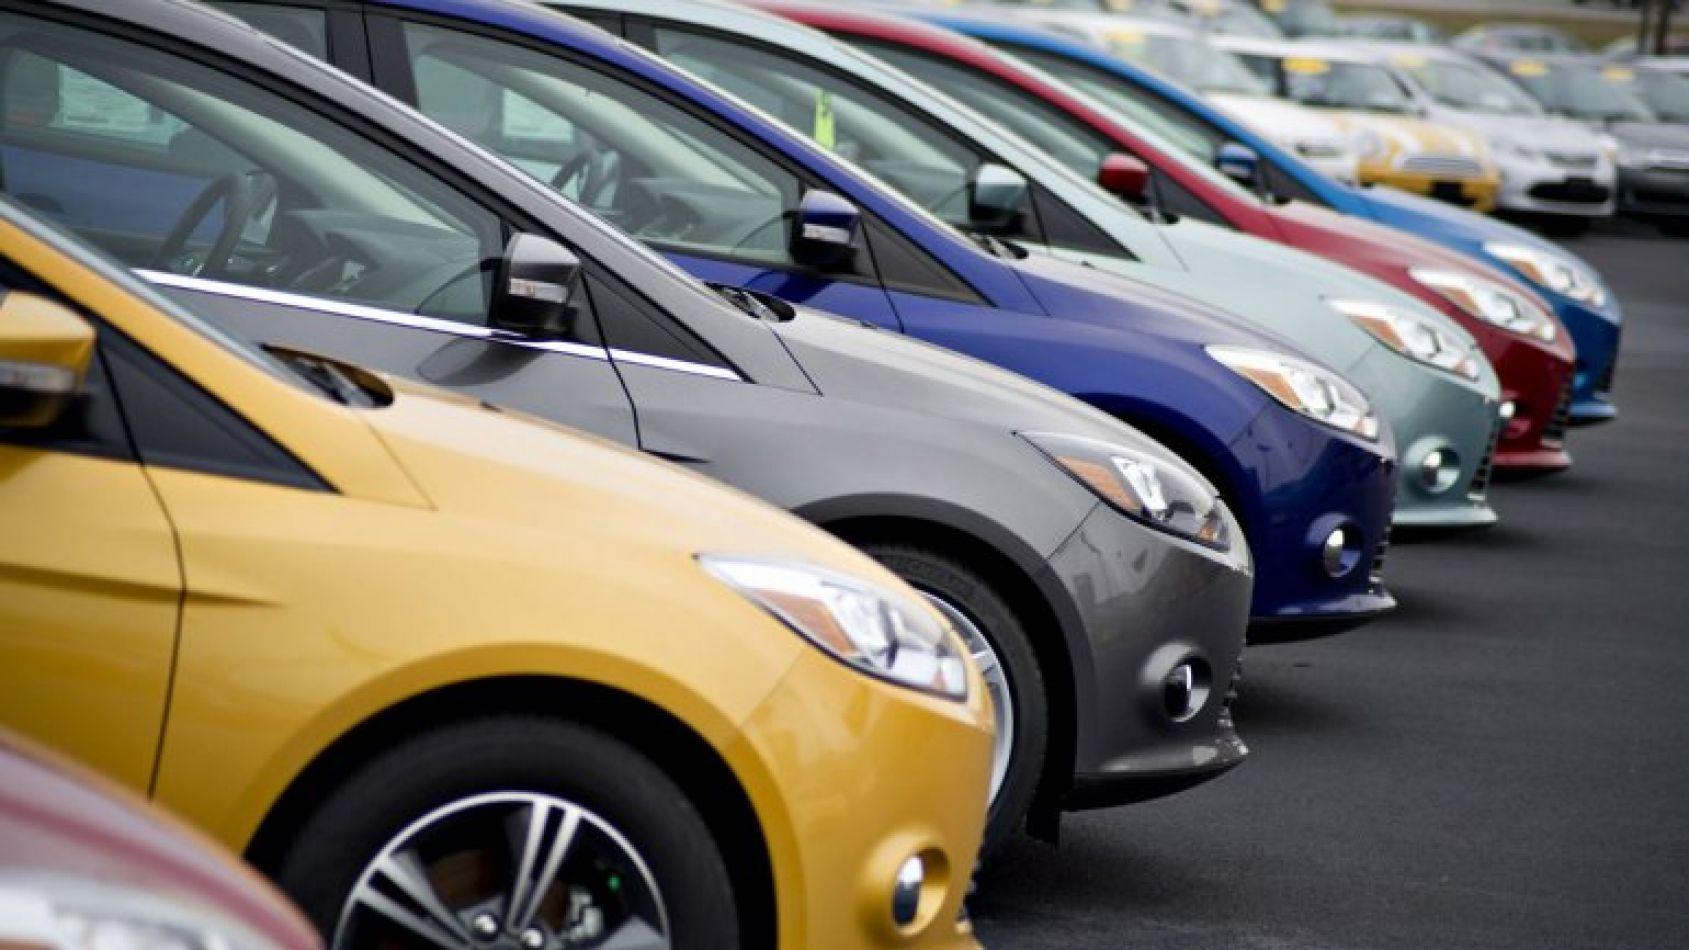 La venta de autos en México cayó 22.6% en enero del 2021